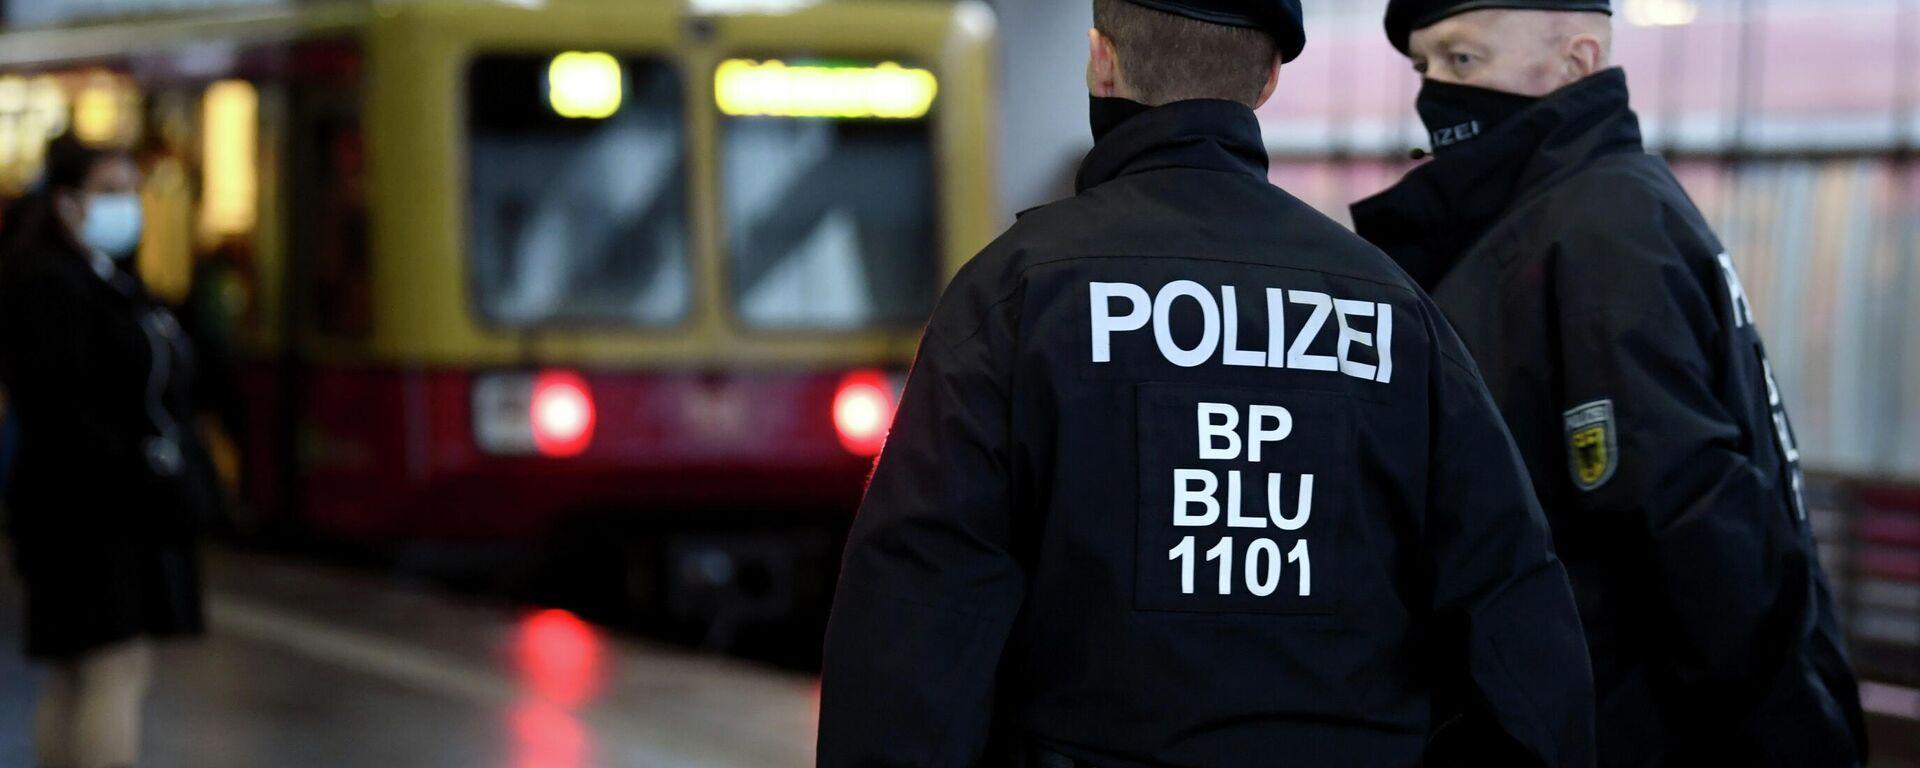 Polizei in Deutschland (Archivbild) - SNA, 1920, 31.12.2020